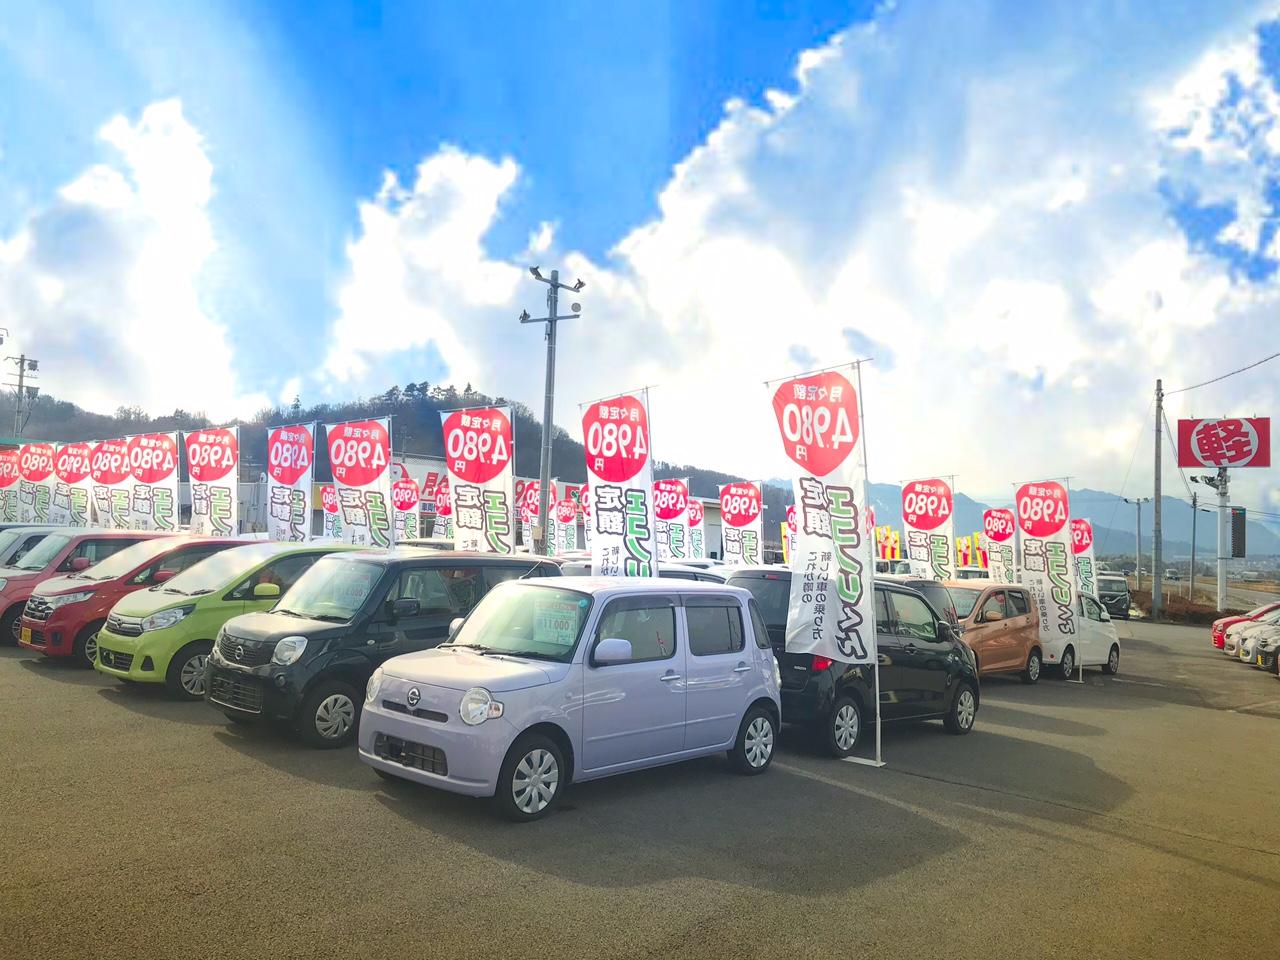 展示場には高年式の軽中古自動車がズバッと100台!来てみて納得、乗ってみて安心!安心納得の両方を体感してからご購入ください!